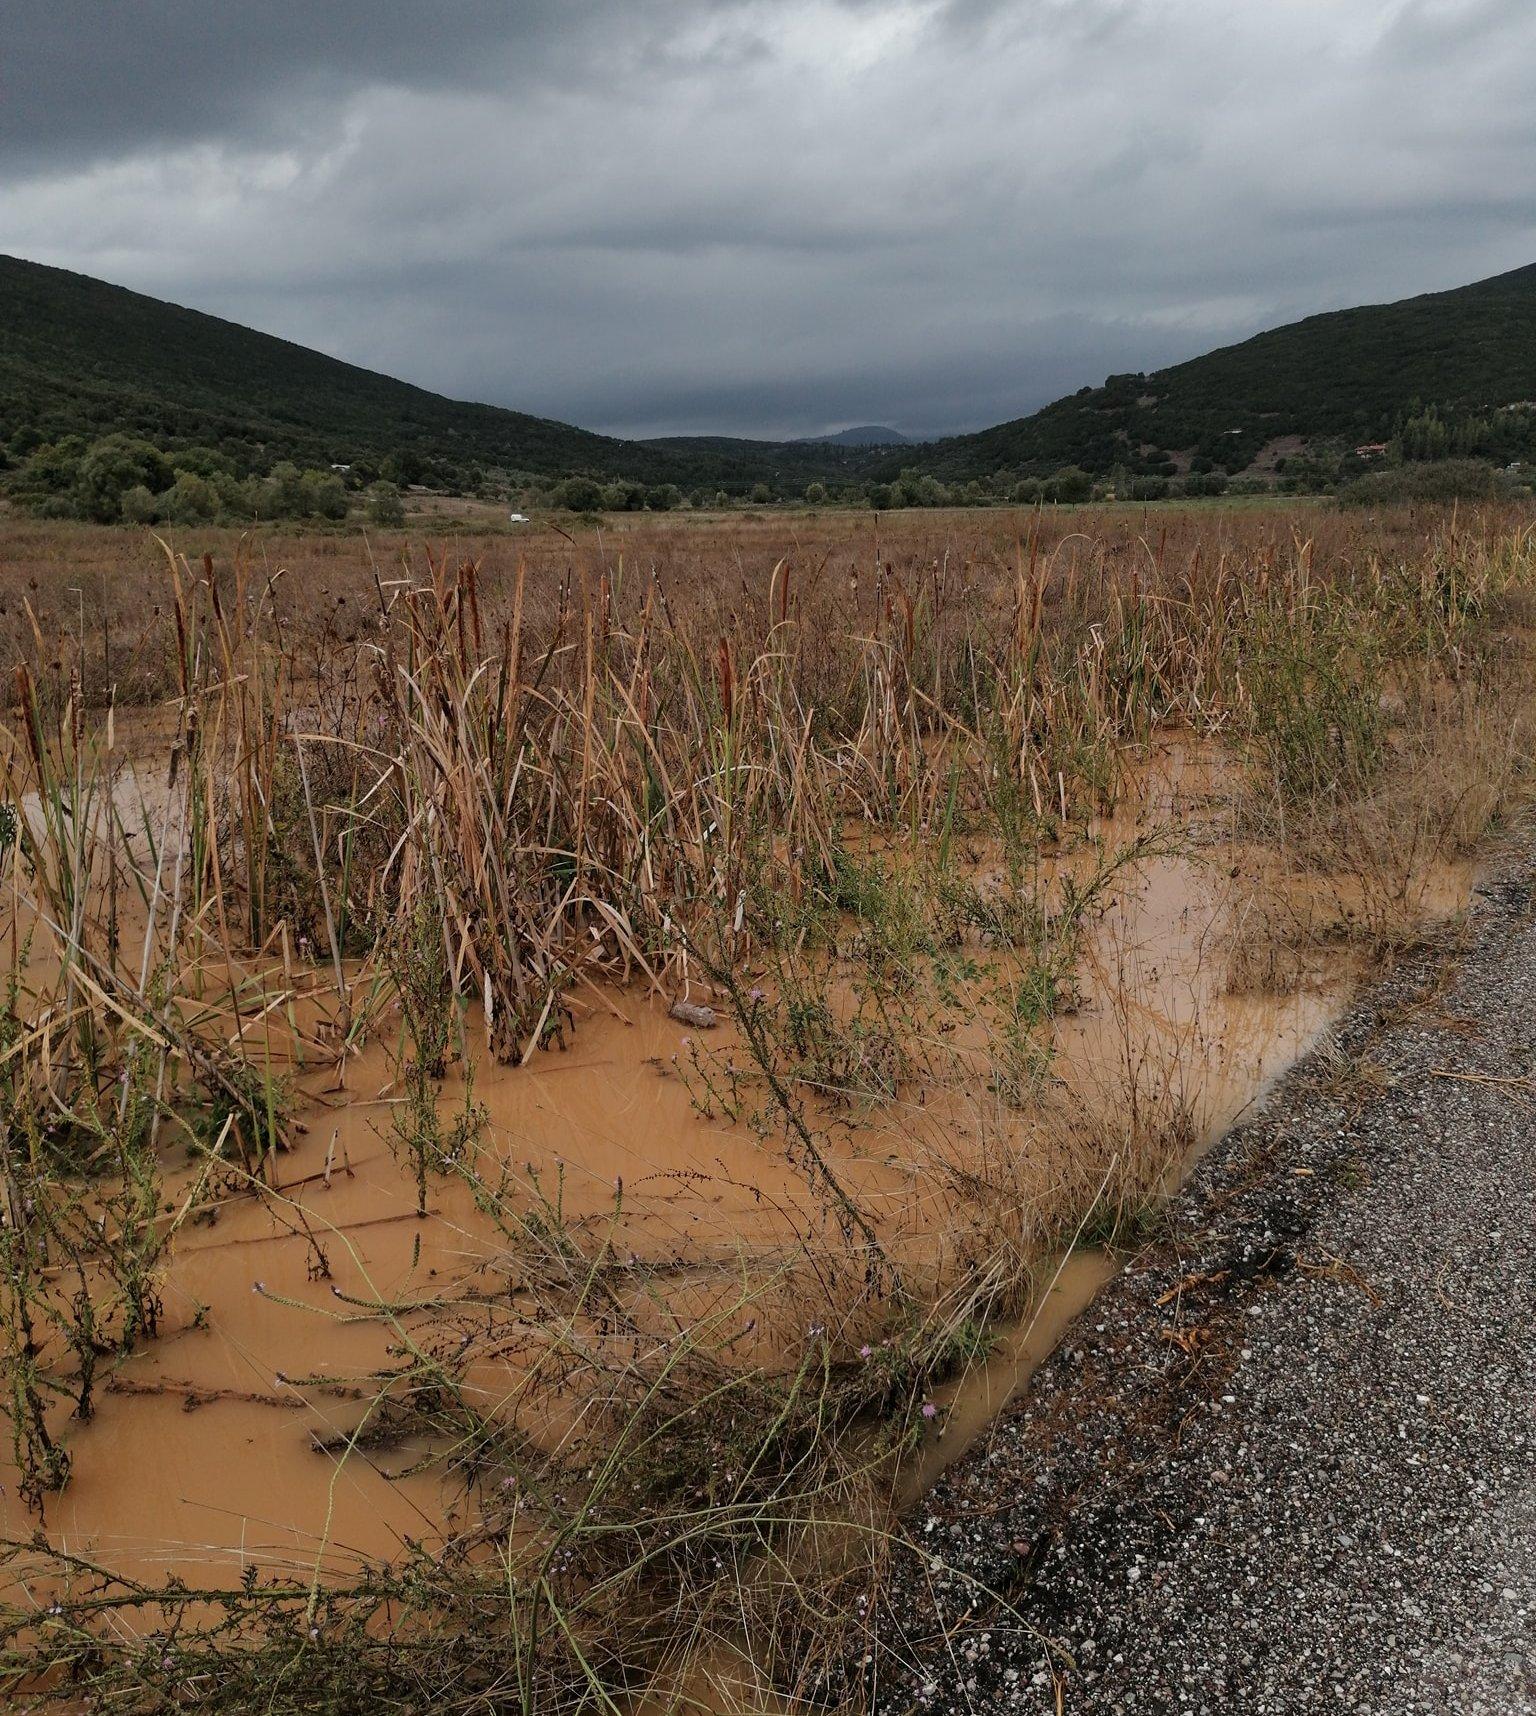 Μέτρα για τους πληγέντες αγρότες απο την κακοκαιρία στην Αιτωλοακαρνανία ζητά το ΚΚΕ